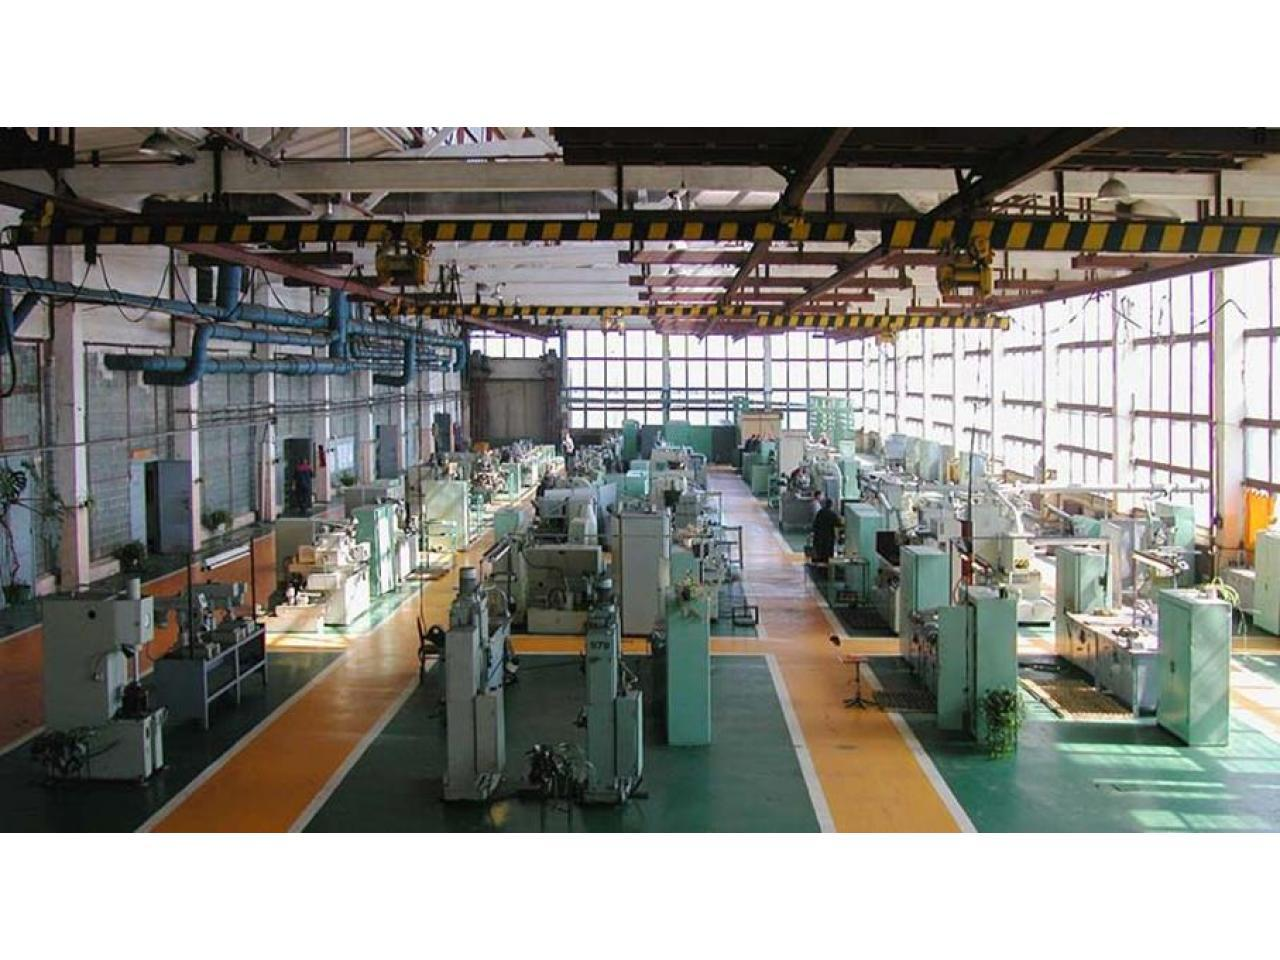 Продаётся металлообрабатывающая компания в Германии - 1